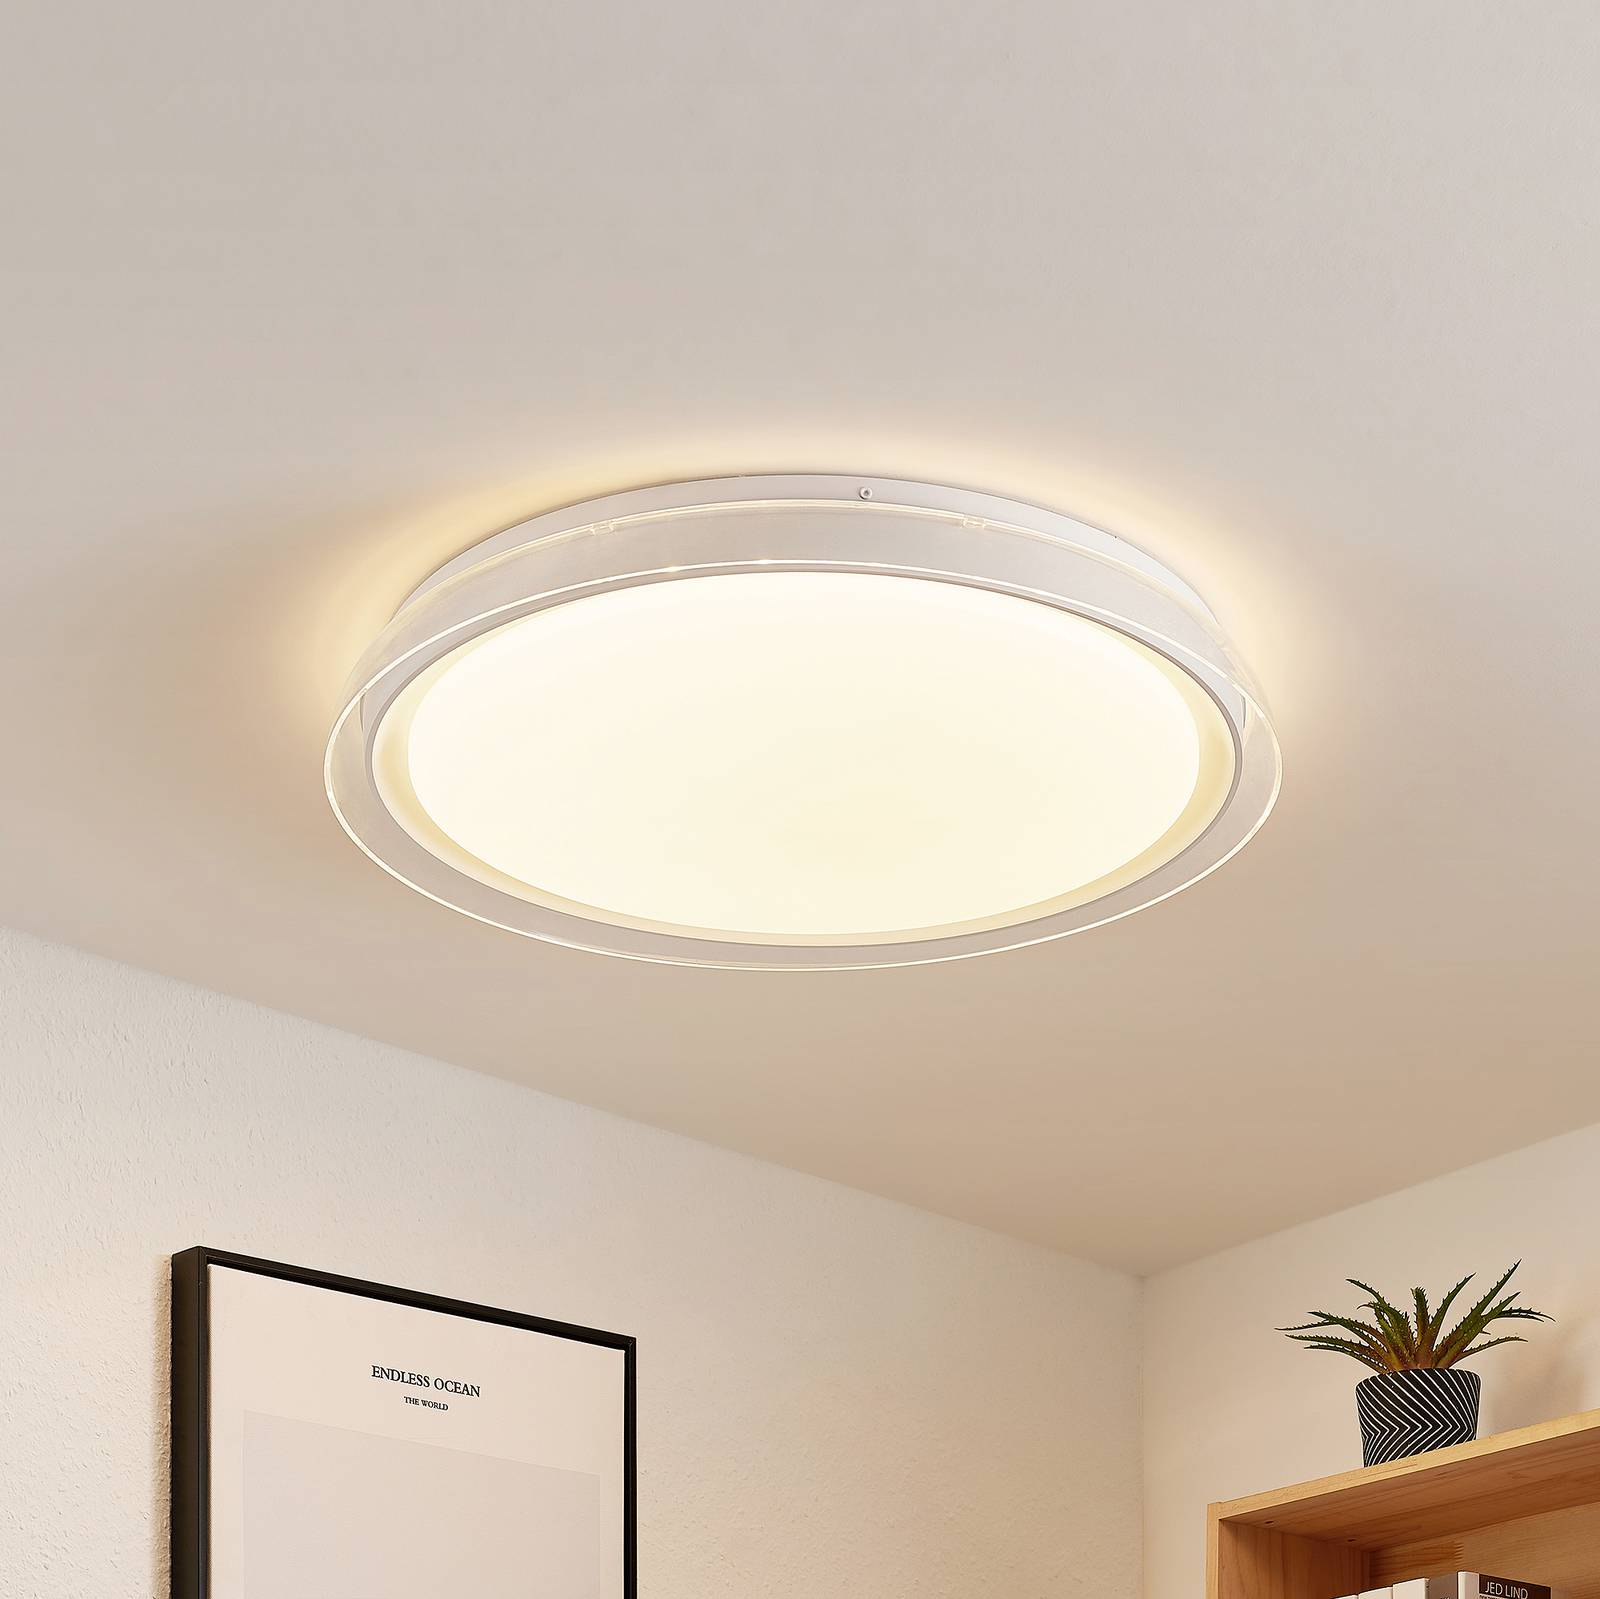 Lindby Sleya LED plafondlamp, CCT, dimbaar